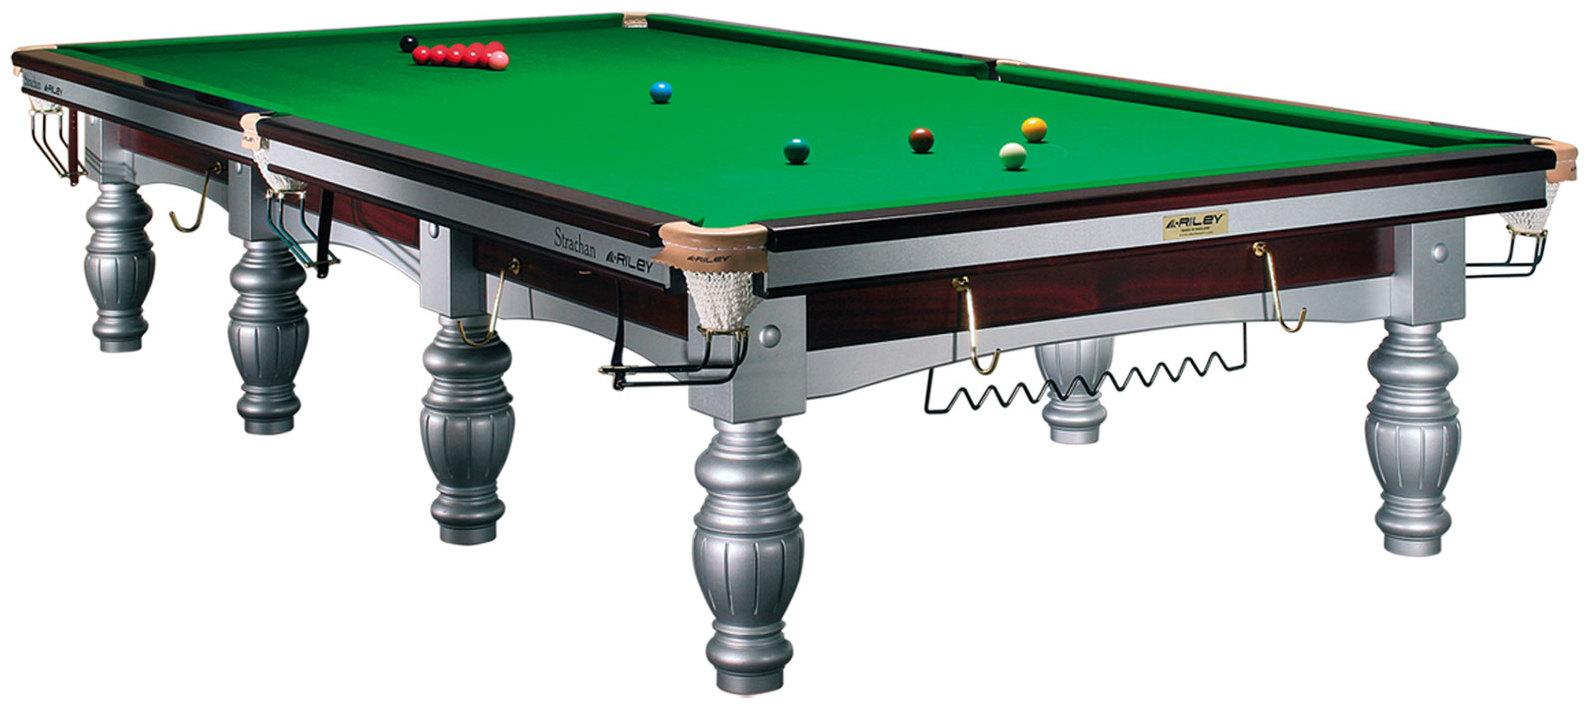 Snookerbord Riley Aristocrat Silver / Mahogany